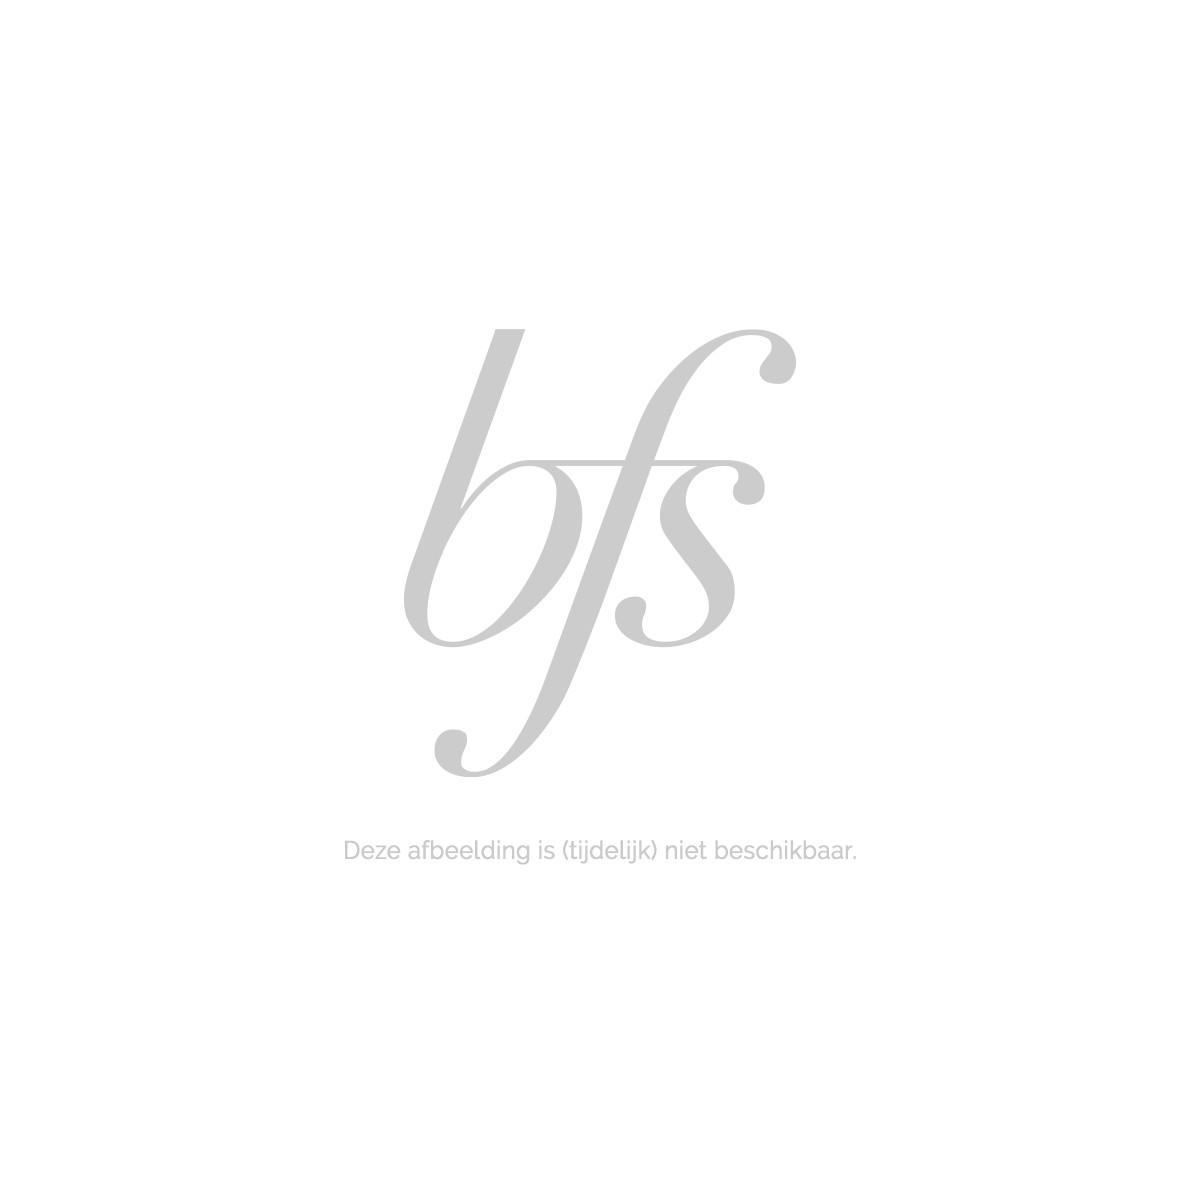 Boho Compact Foundation 4,5G